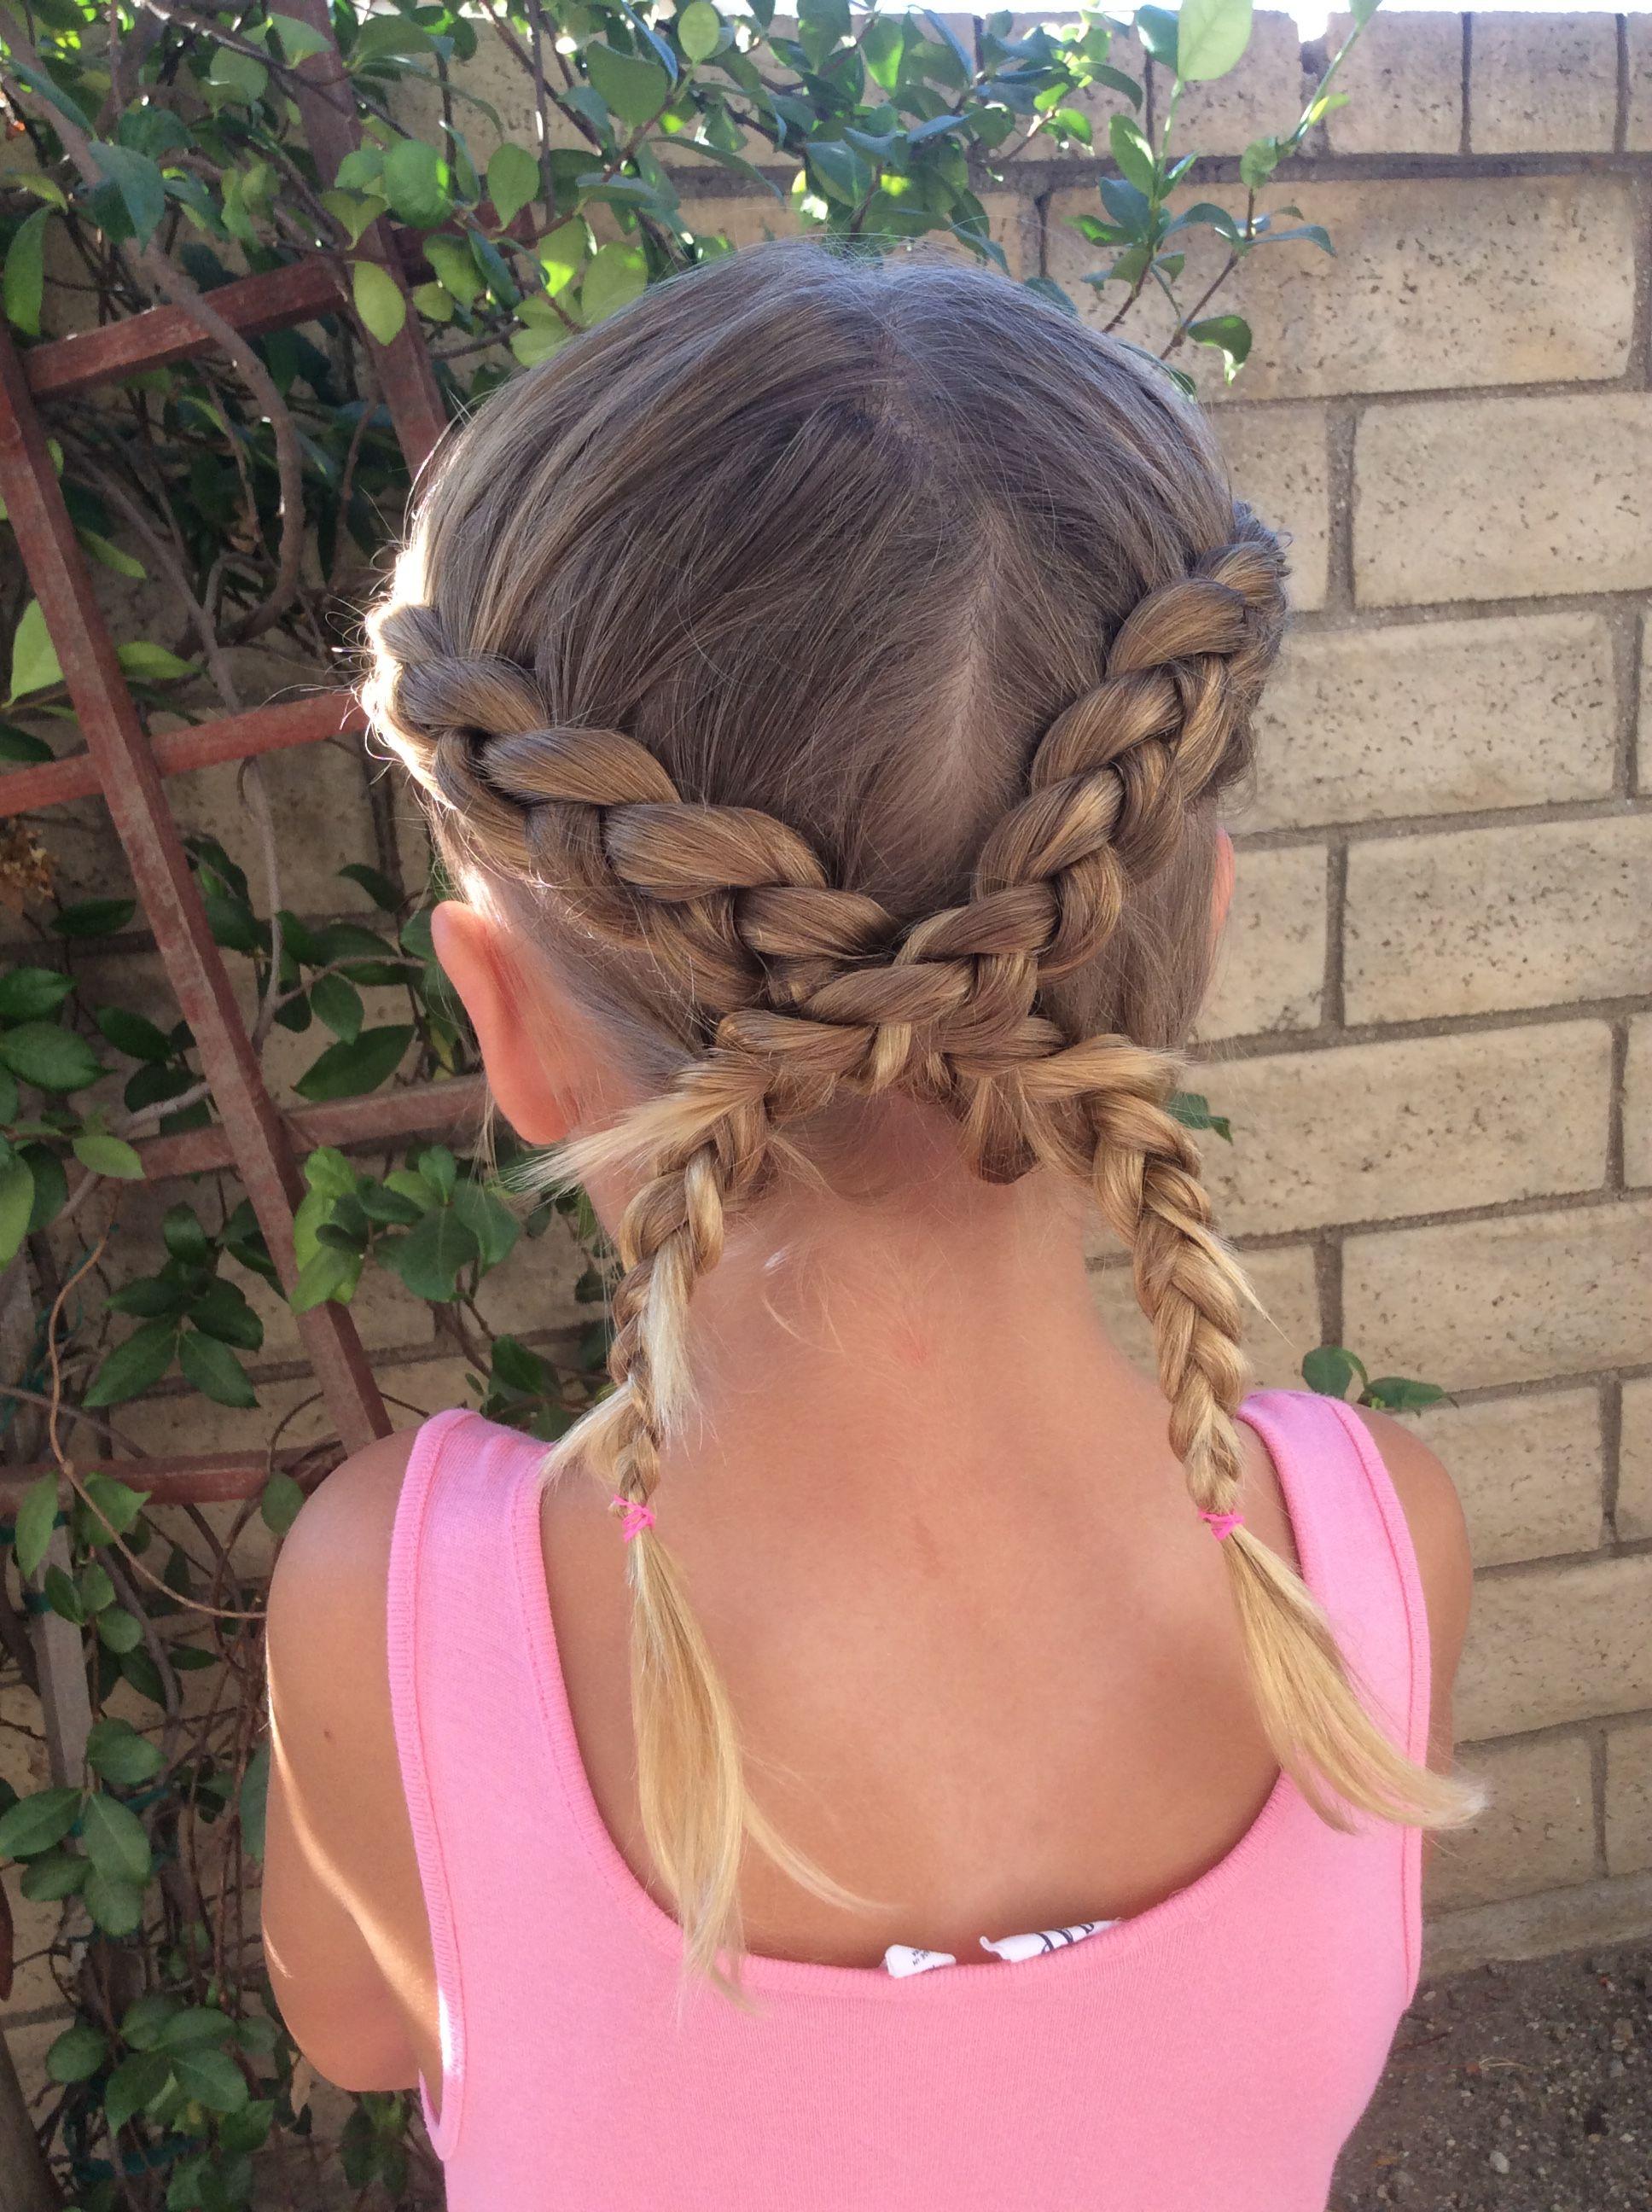 Pin by kylieeeeee on hairstyles pinterest super cute hairstyles